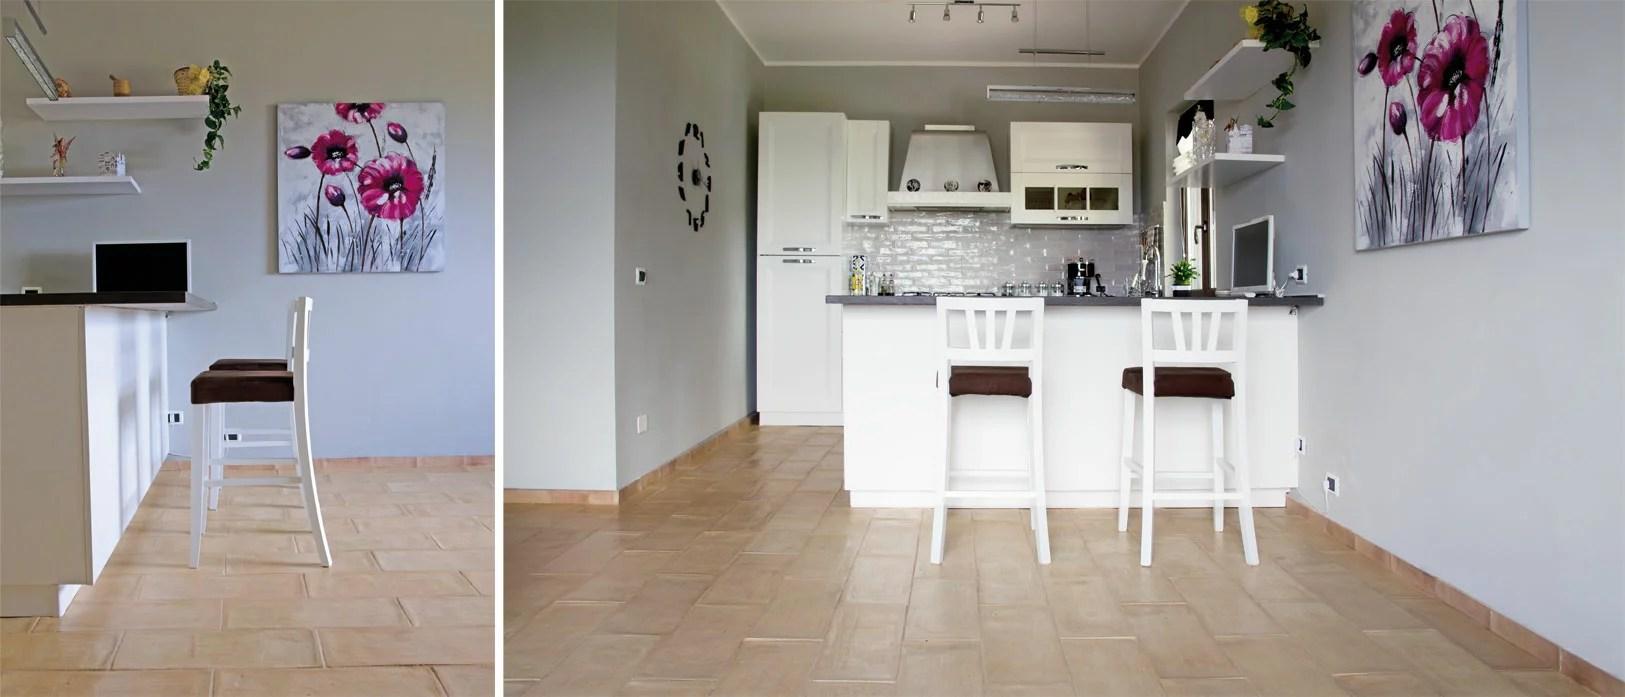 Cucina in cotto dai rivestimenti ai pavimenti ecco alcuni consigli utili